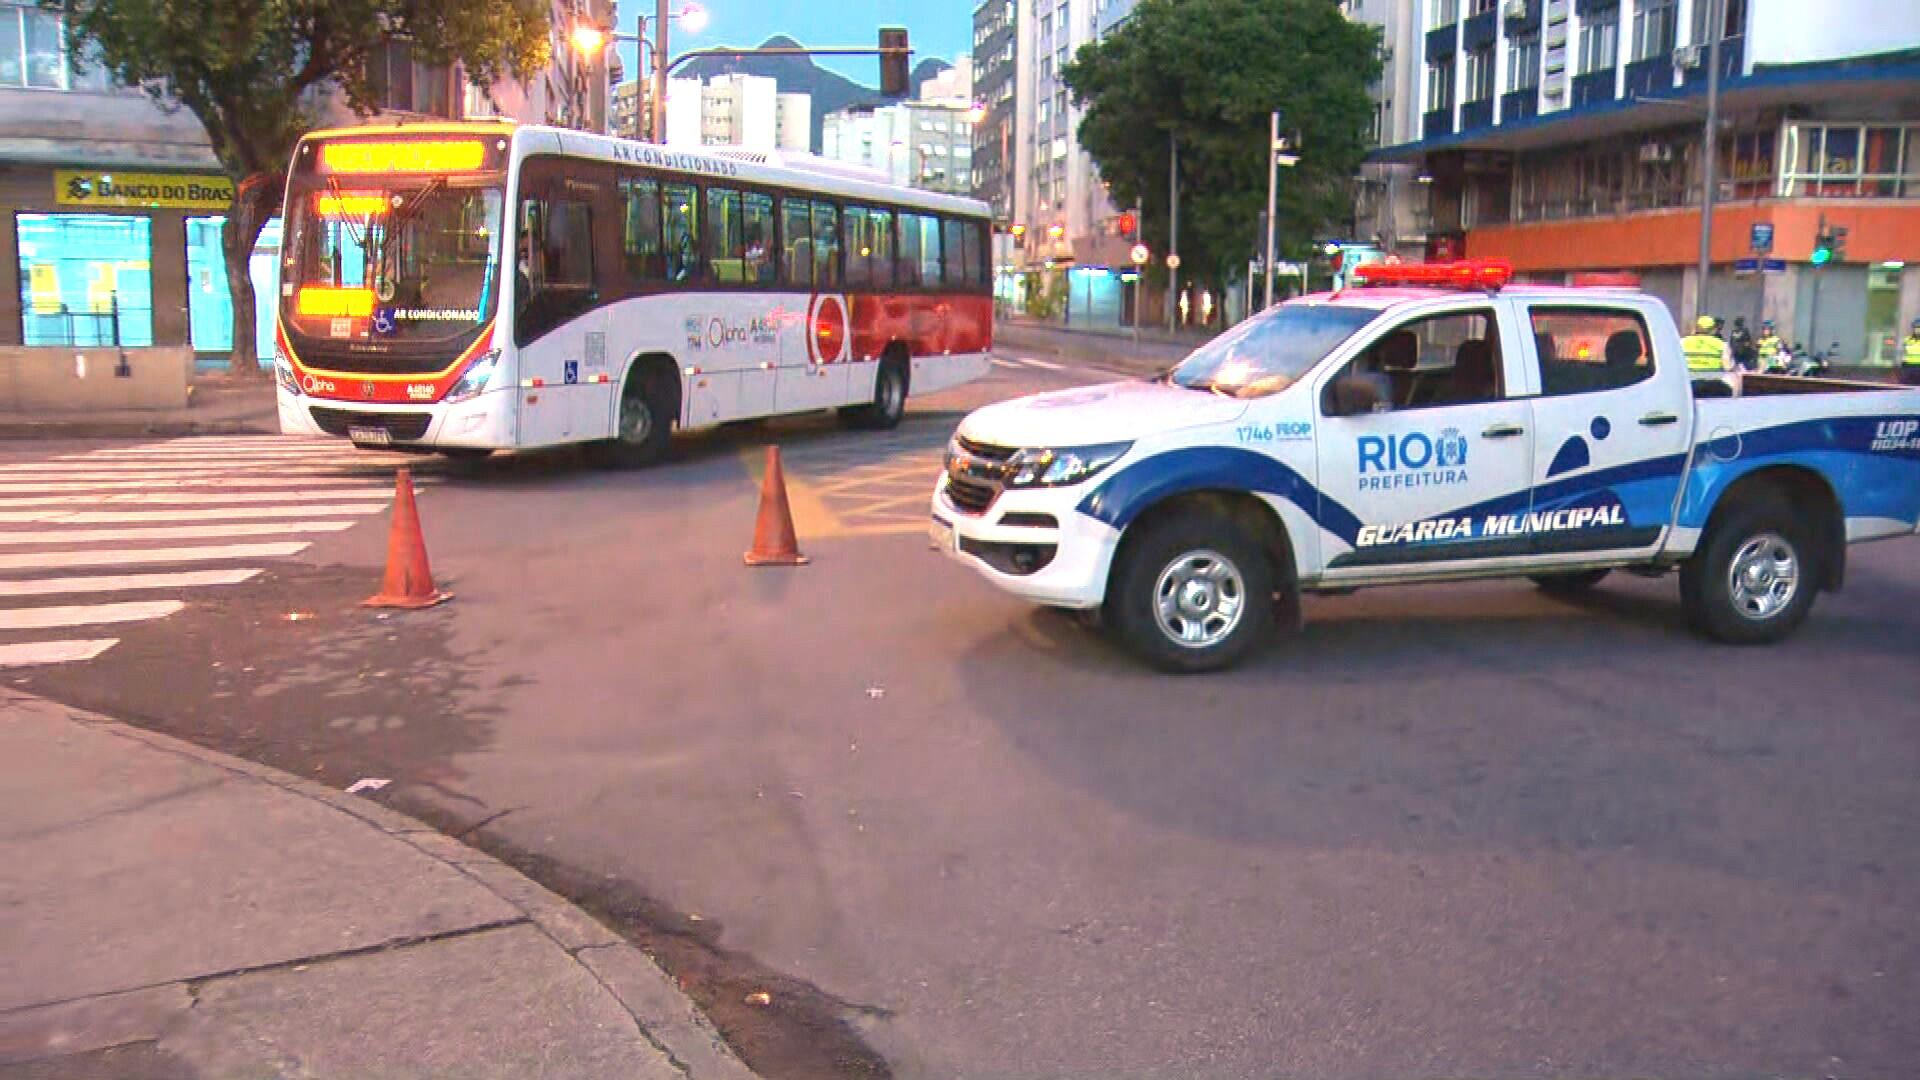 Prefeitura conclui nesta quarta instalação de barreiras em bairros do Rio